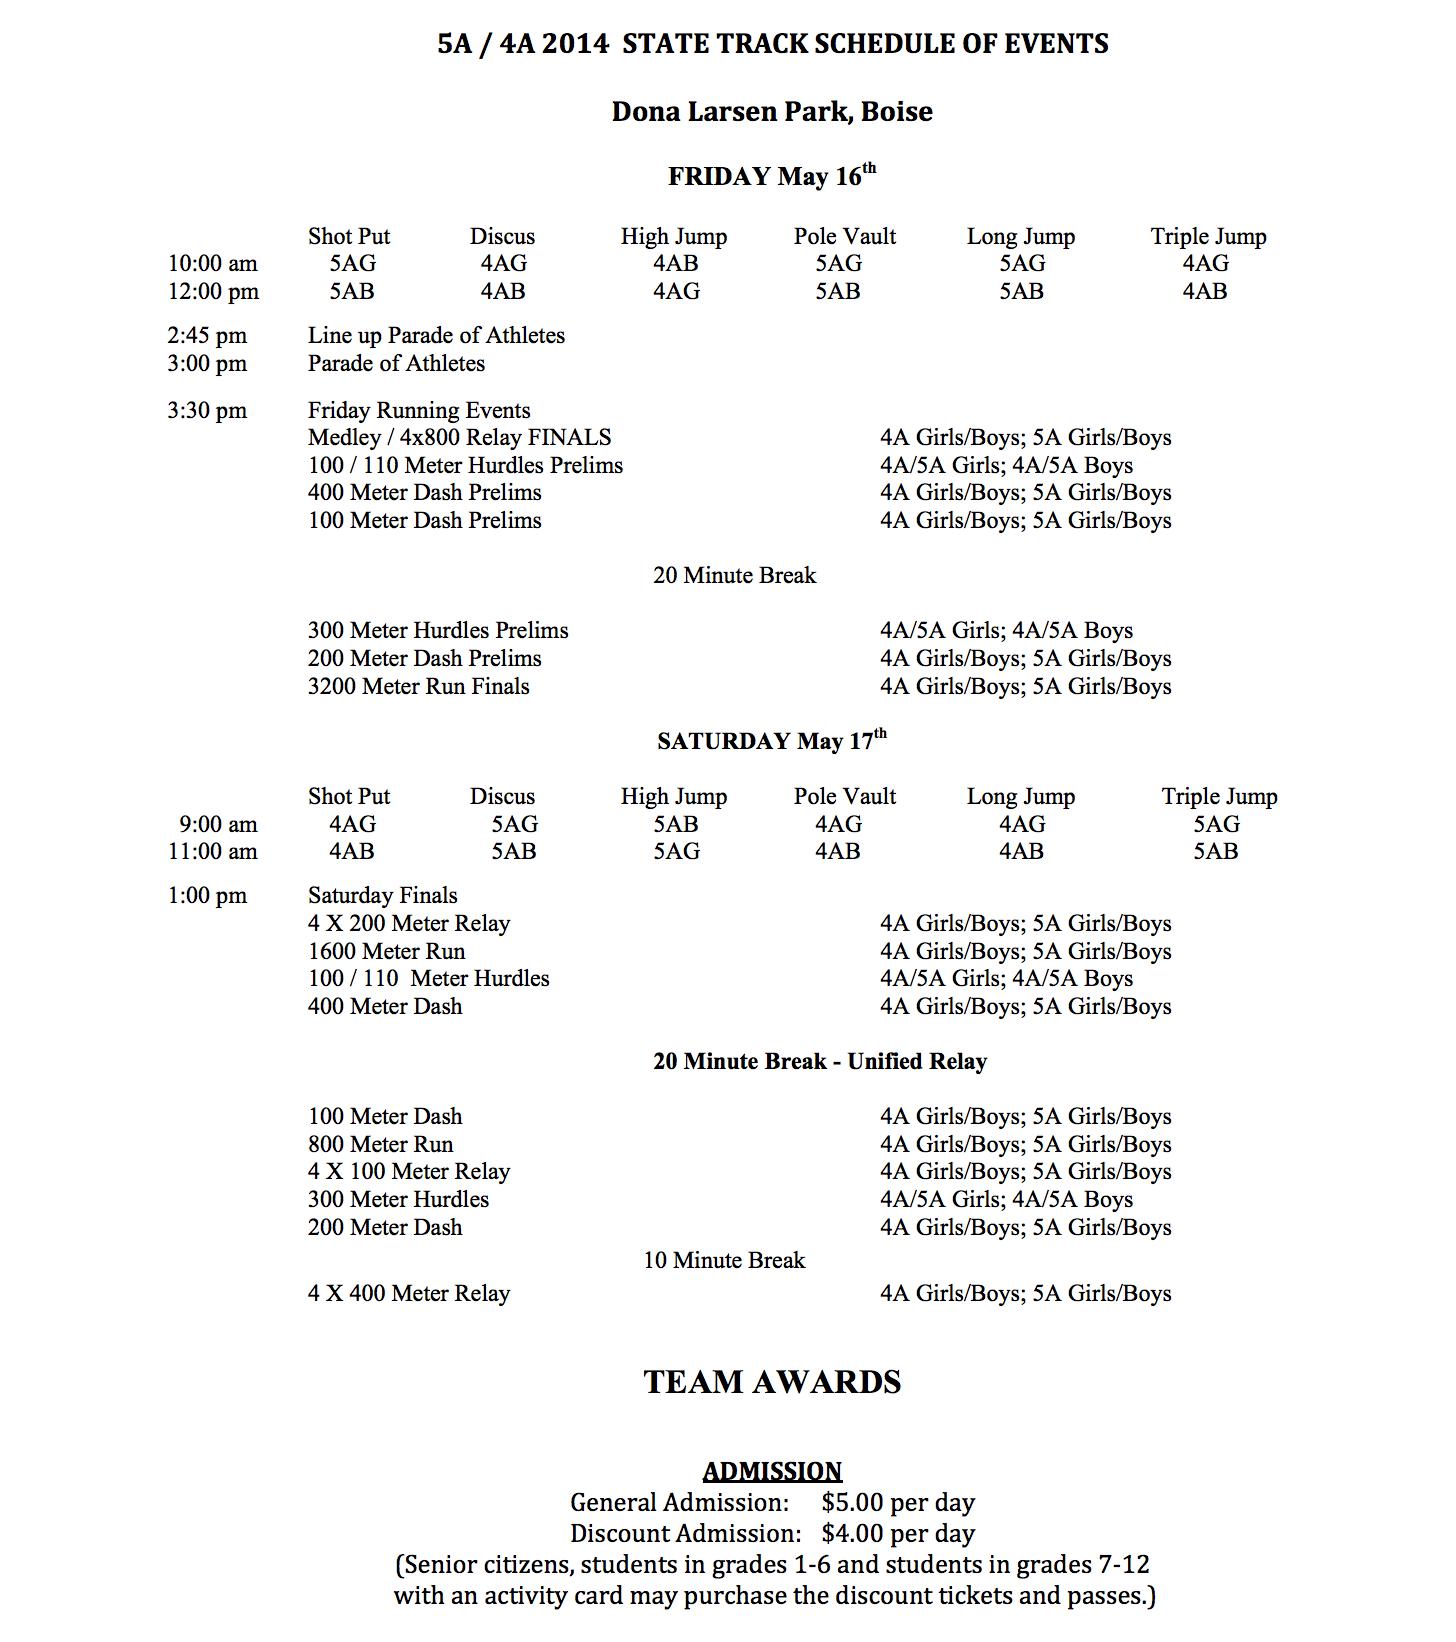 idaho state track meet schedule